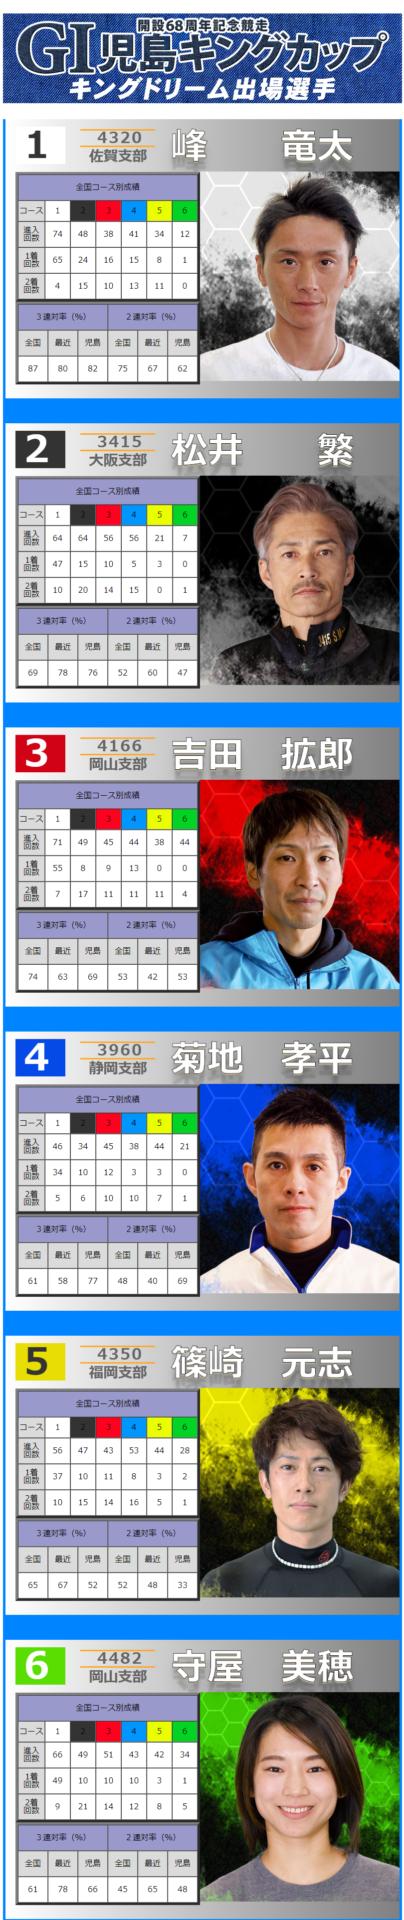 児島キングカップドリーム戦出場選手